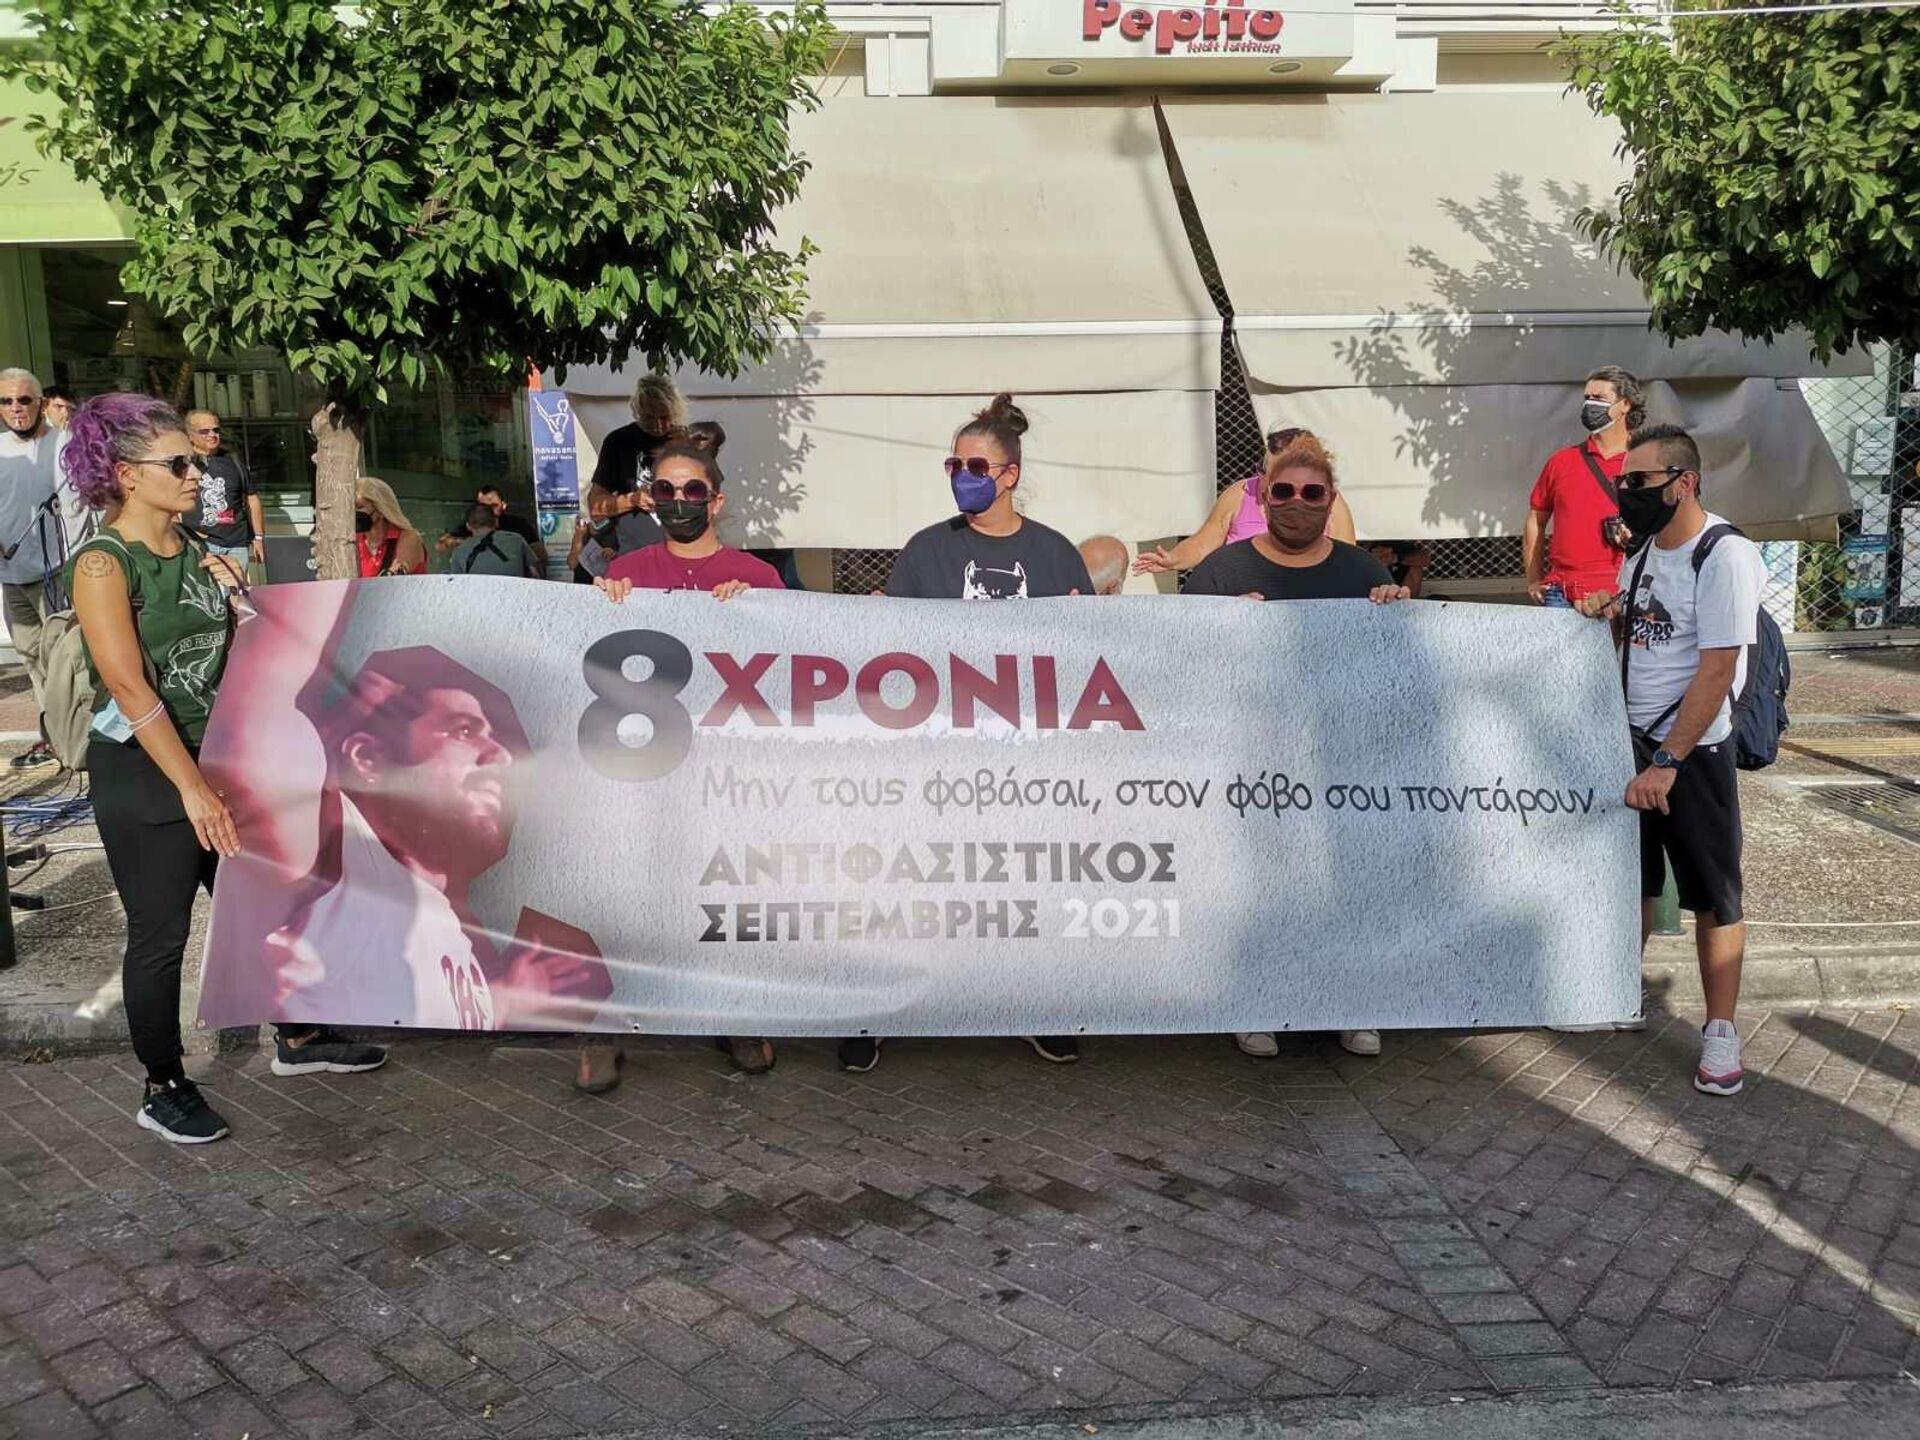 Στιγμιότυπα από την συγκέντρωση και πορεία στη μνήμη του Παύλου Φύσσα στο Κερατσίνι - Sputnik Ελλάδα, 1920, 18.09.2021